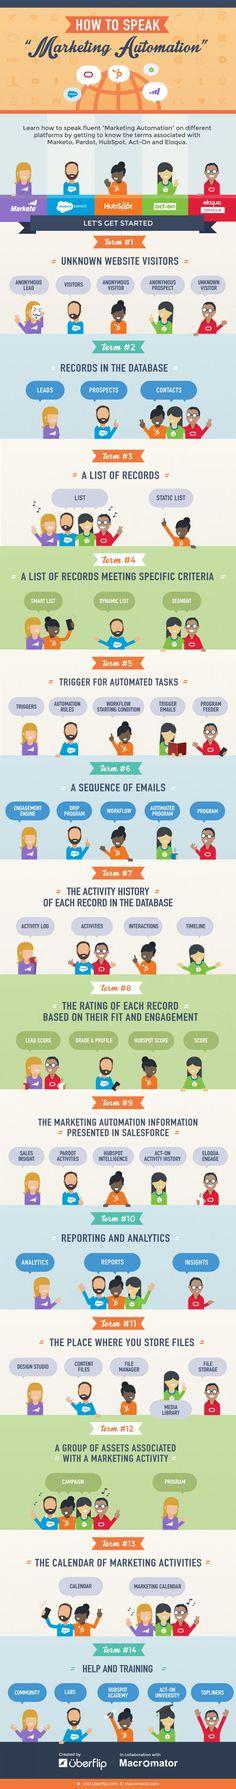 """How to Speak """"Marketing Automation"""" #Infographic #marketingautomation"""